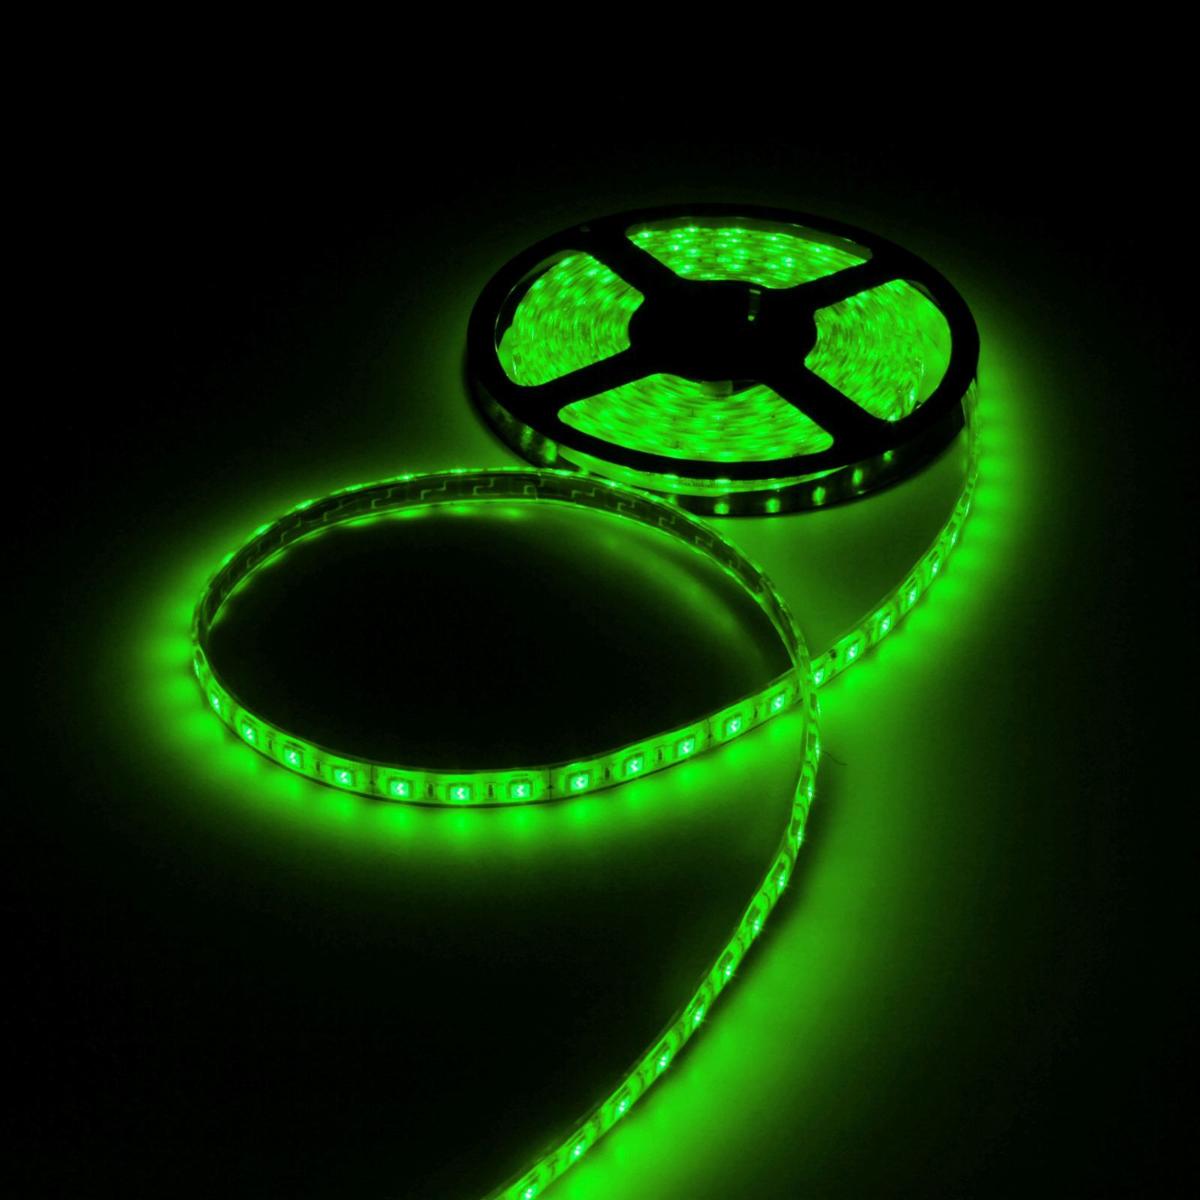 Светодиодная лента Luazon, 12В, SMD5050, длина 5 м, IP68, 60 LED ламп, 14.4 Вт/м, 14-16 Лм/1 LED, DC, цвет: зеленый светодиодная лента luazon 12в smd3528 длина 5 м ip68 60 led ламп 4 8 вт м 6 7 лм 1 led dc цвет фиолетовый